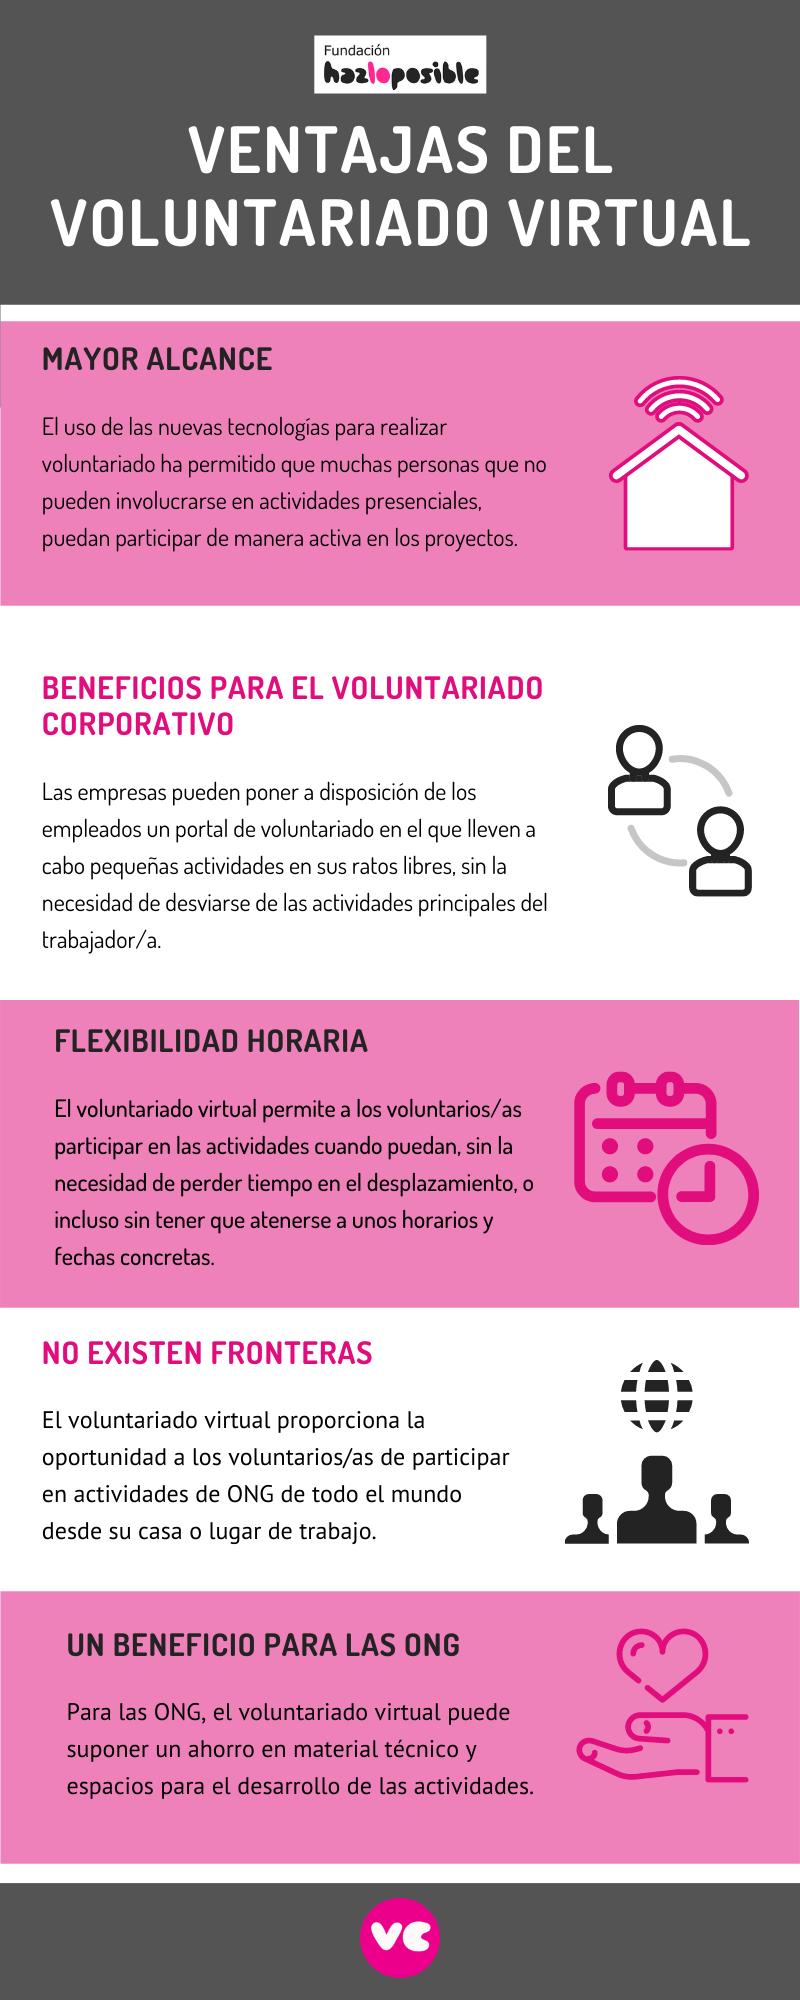 Ventajas del voluntariado virtual por Voluntariado Corporativo de Hazloposible